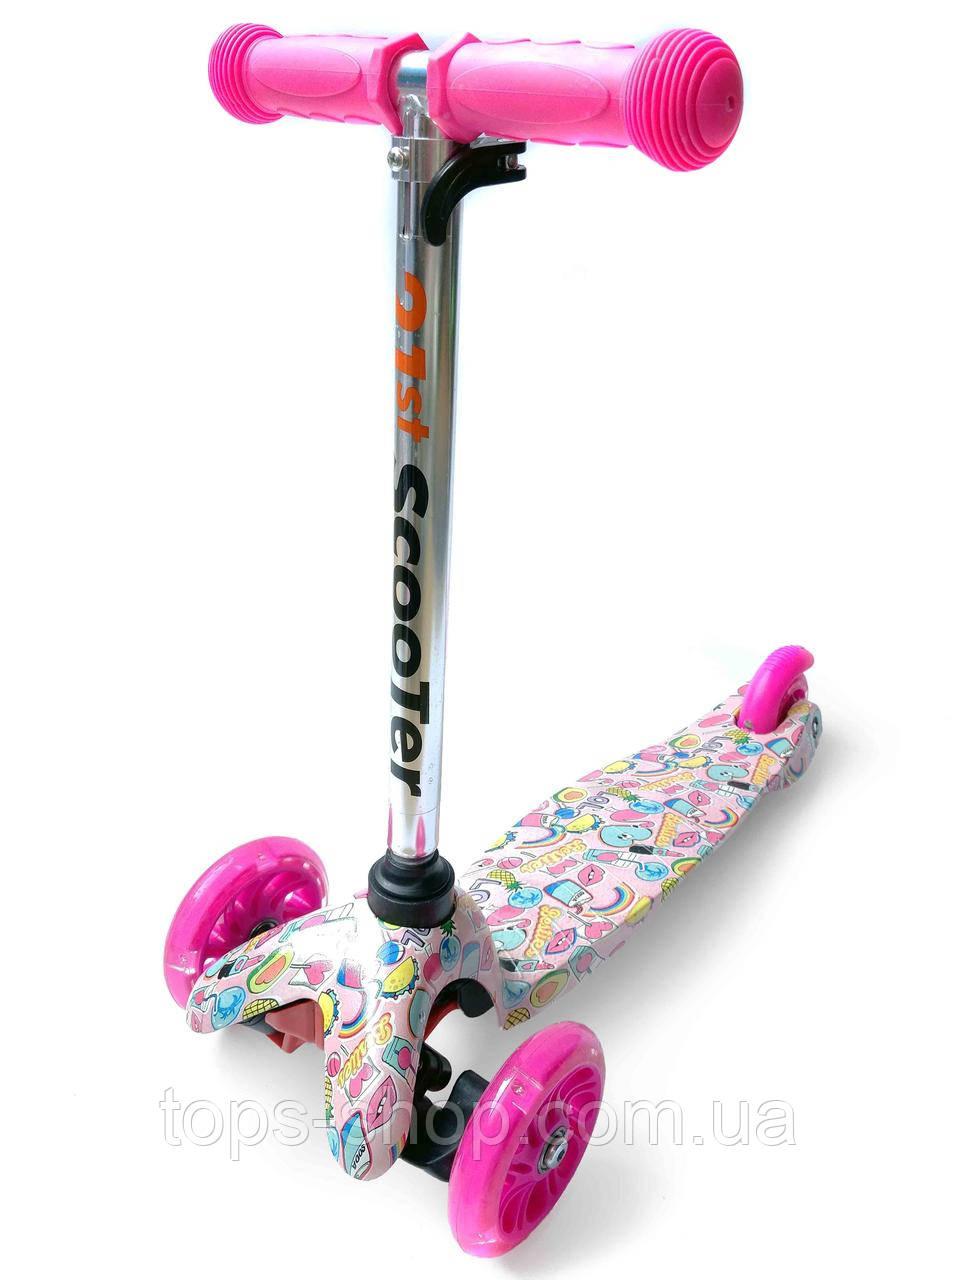 Трехколесный самокат со светящимися колесами розовый абстракция Best Scooter Mini